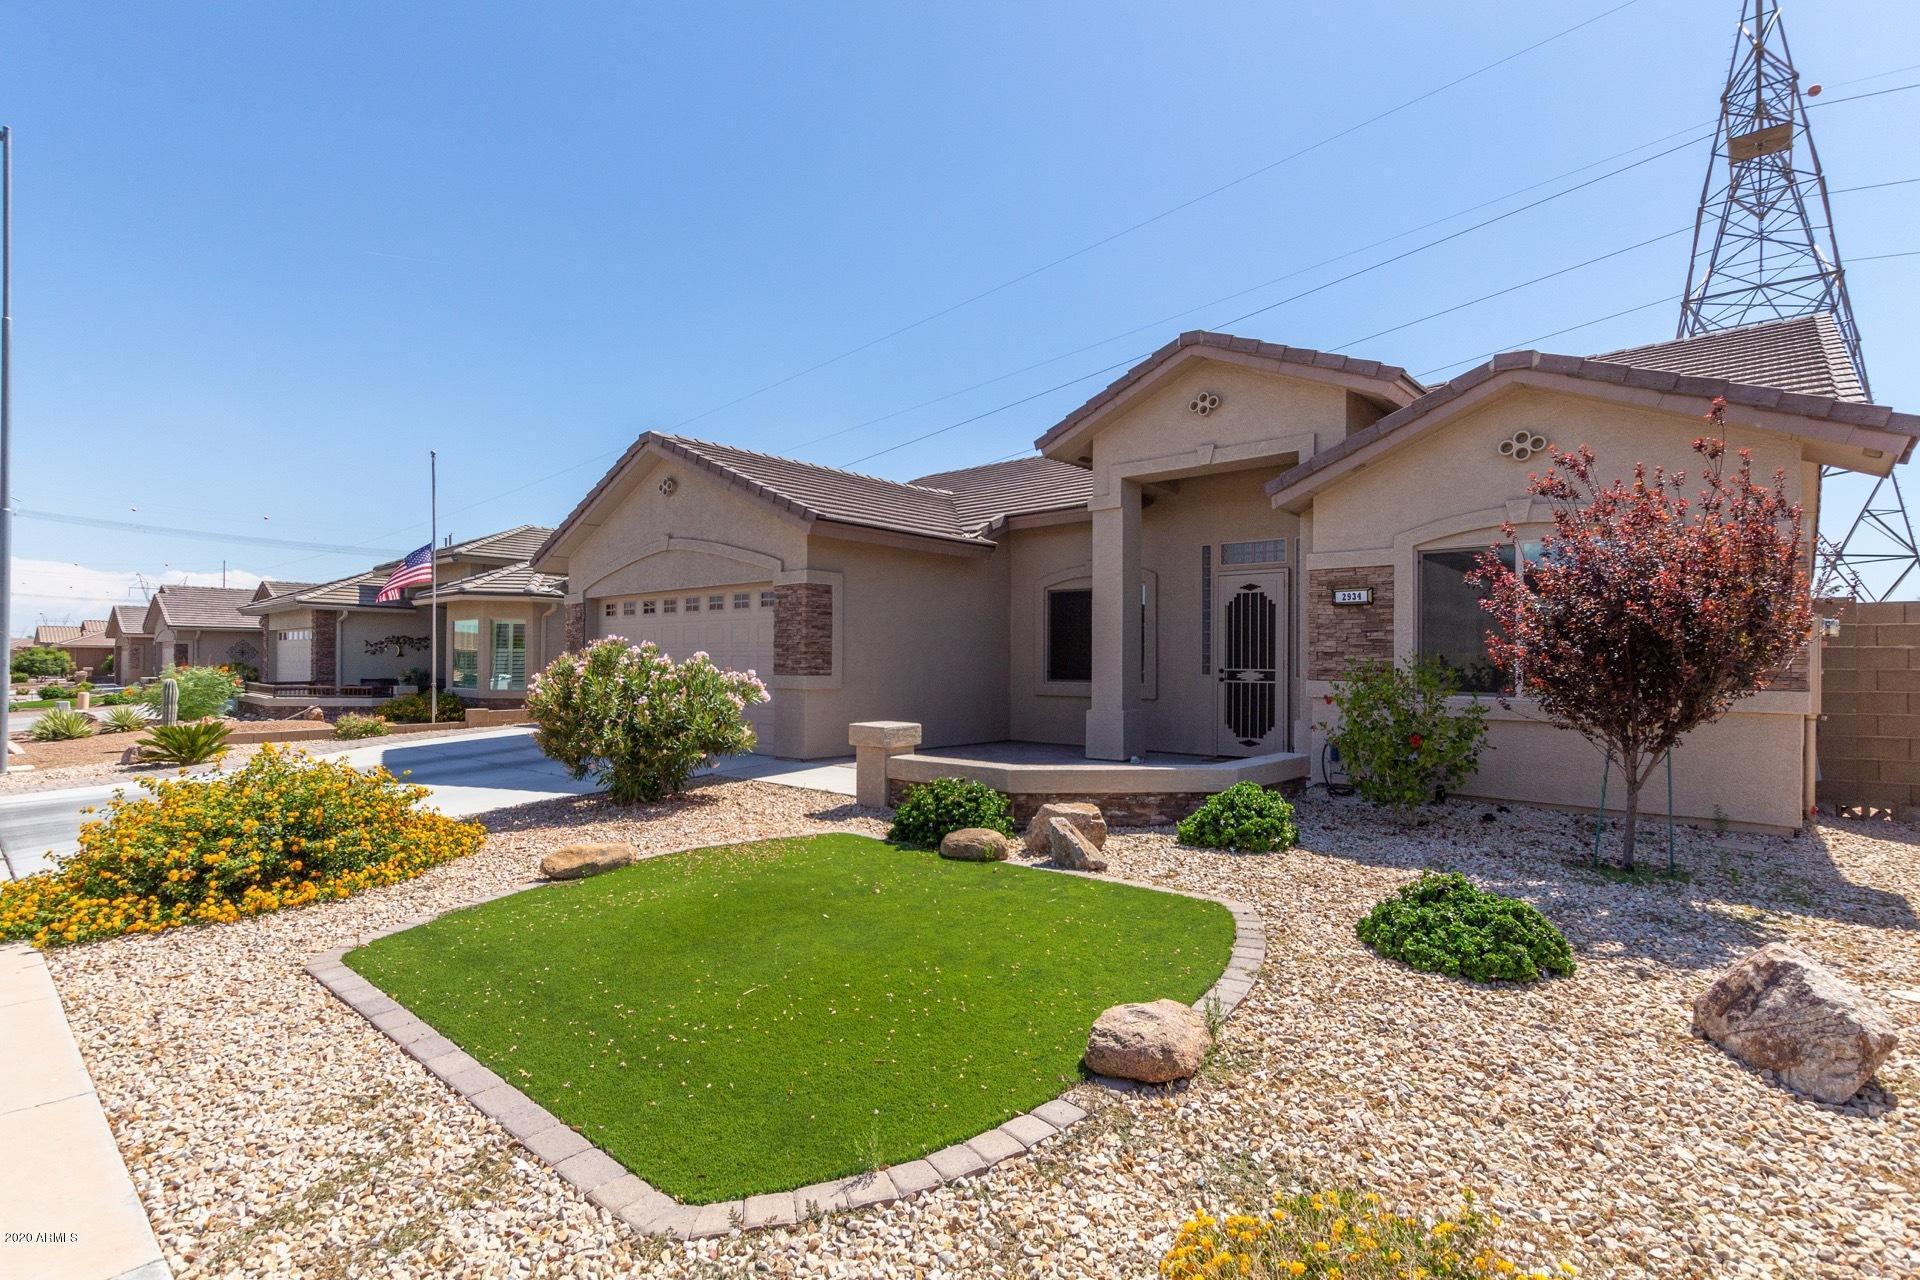 2934 S LINDENWOOD --, Mesa, AZ 85212